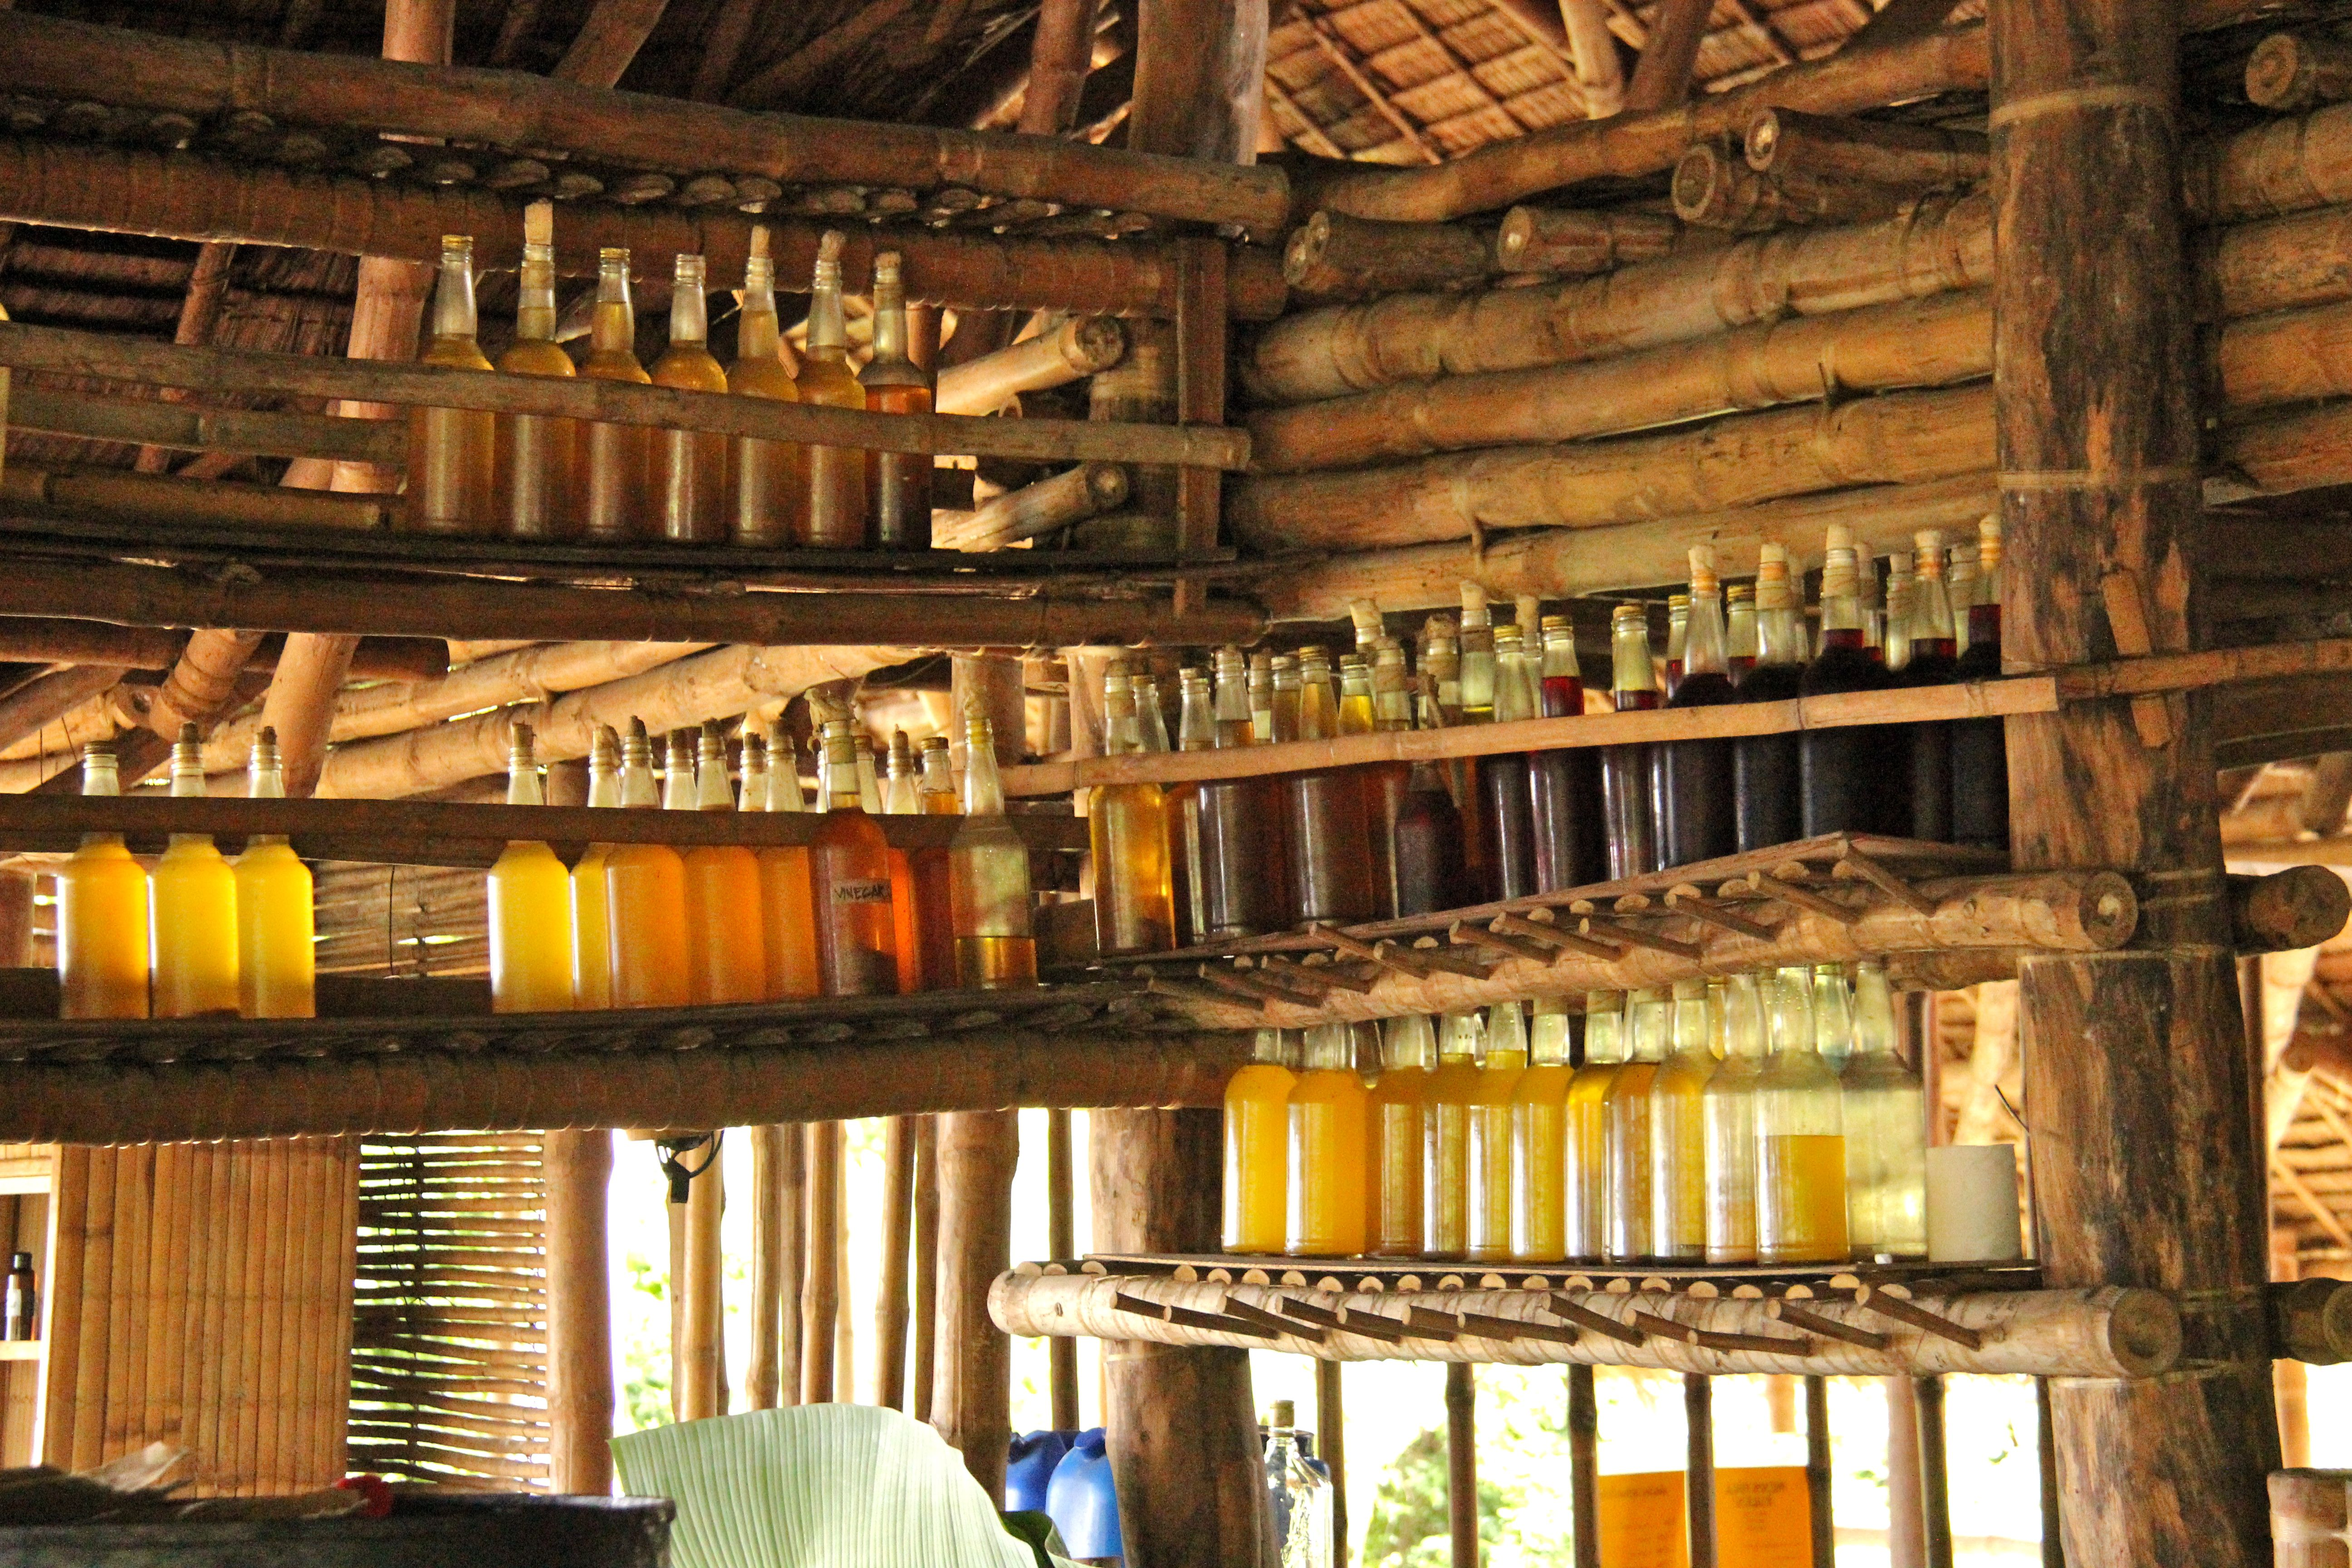 Vinaigres de fruits conservés dans de vieilles bouteilles de rhum